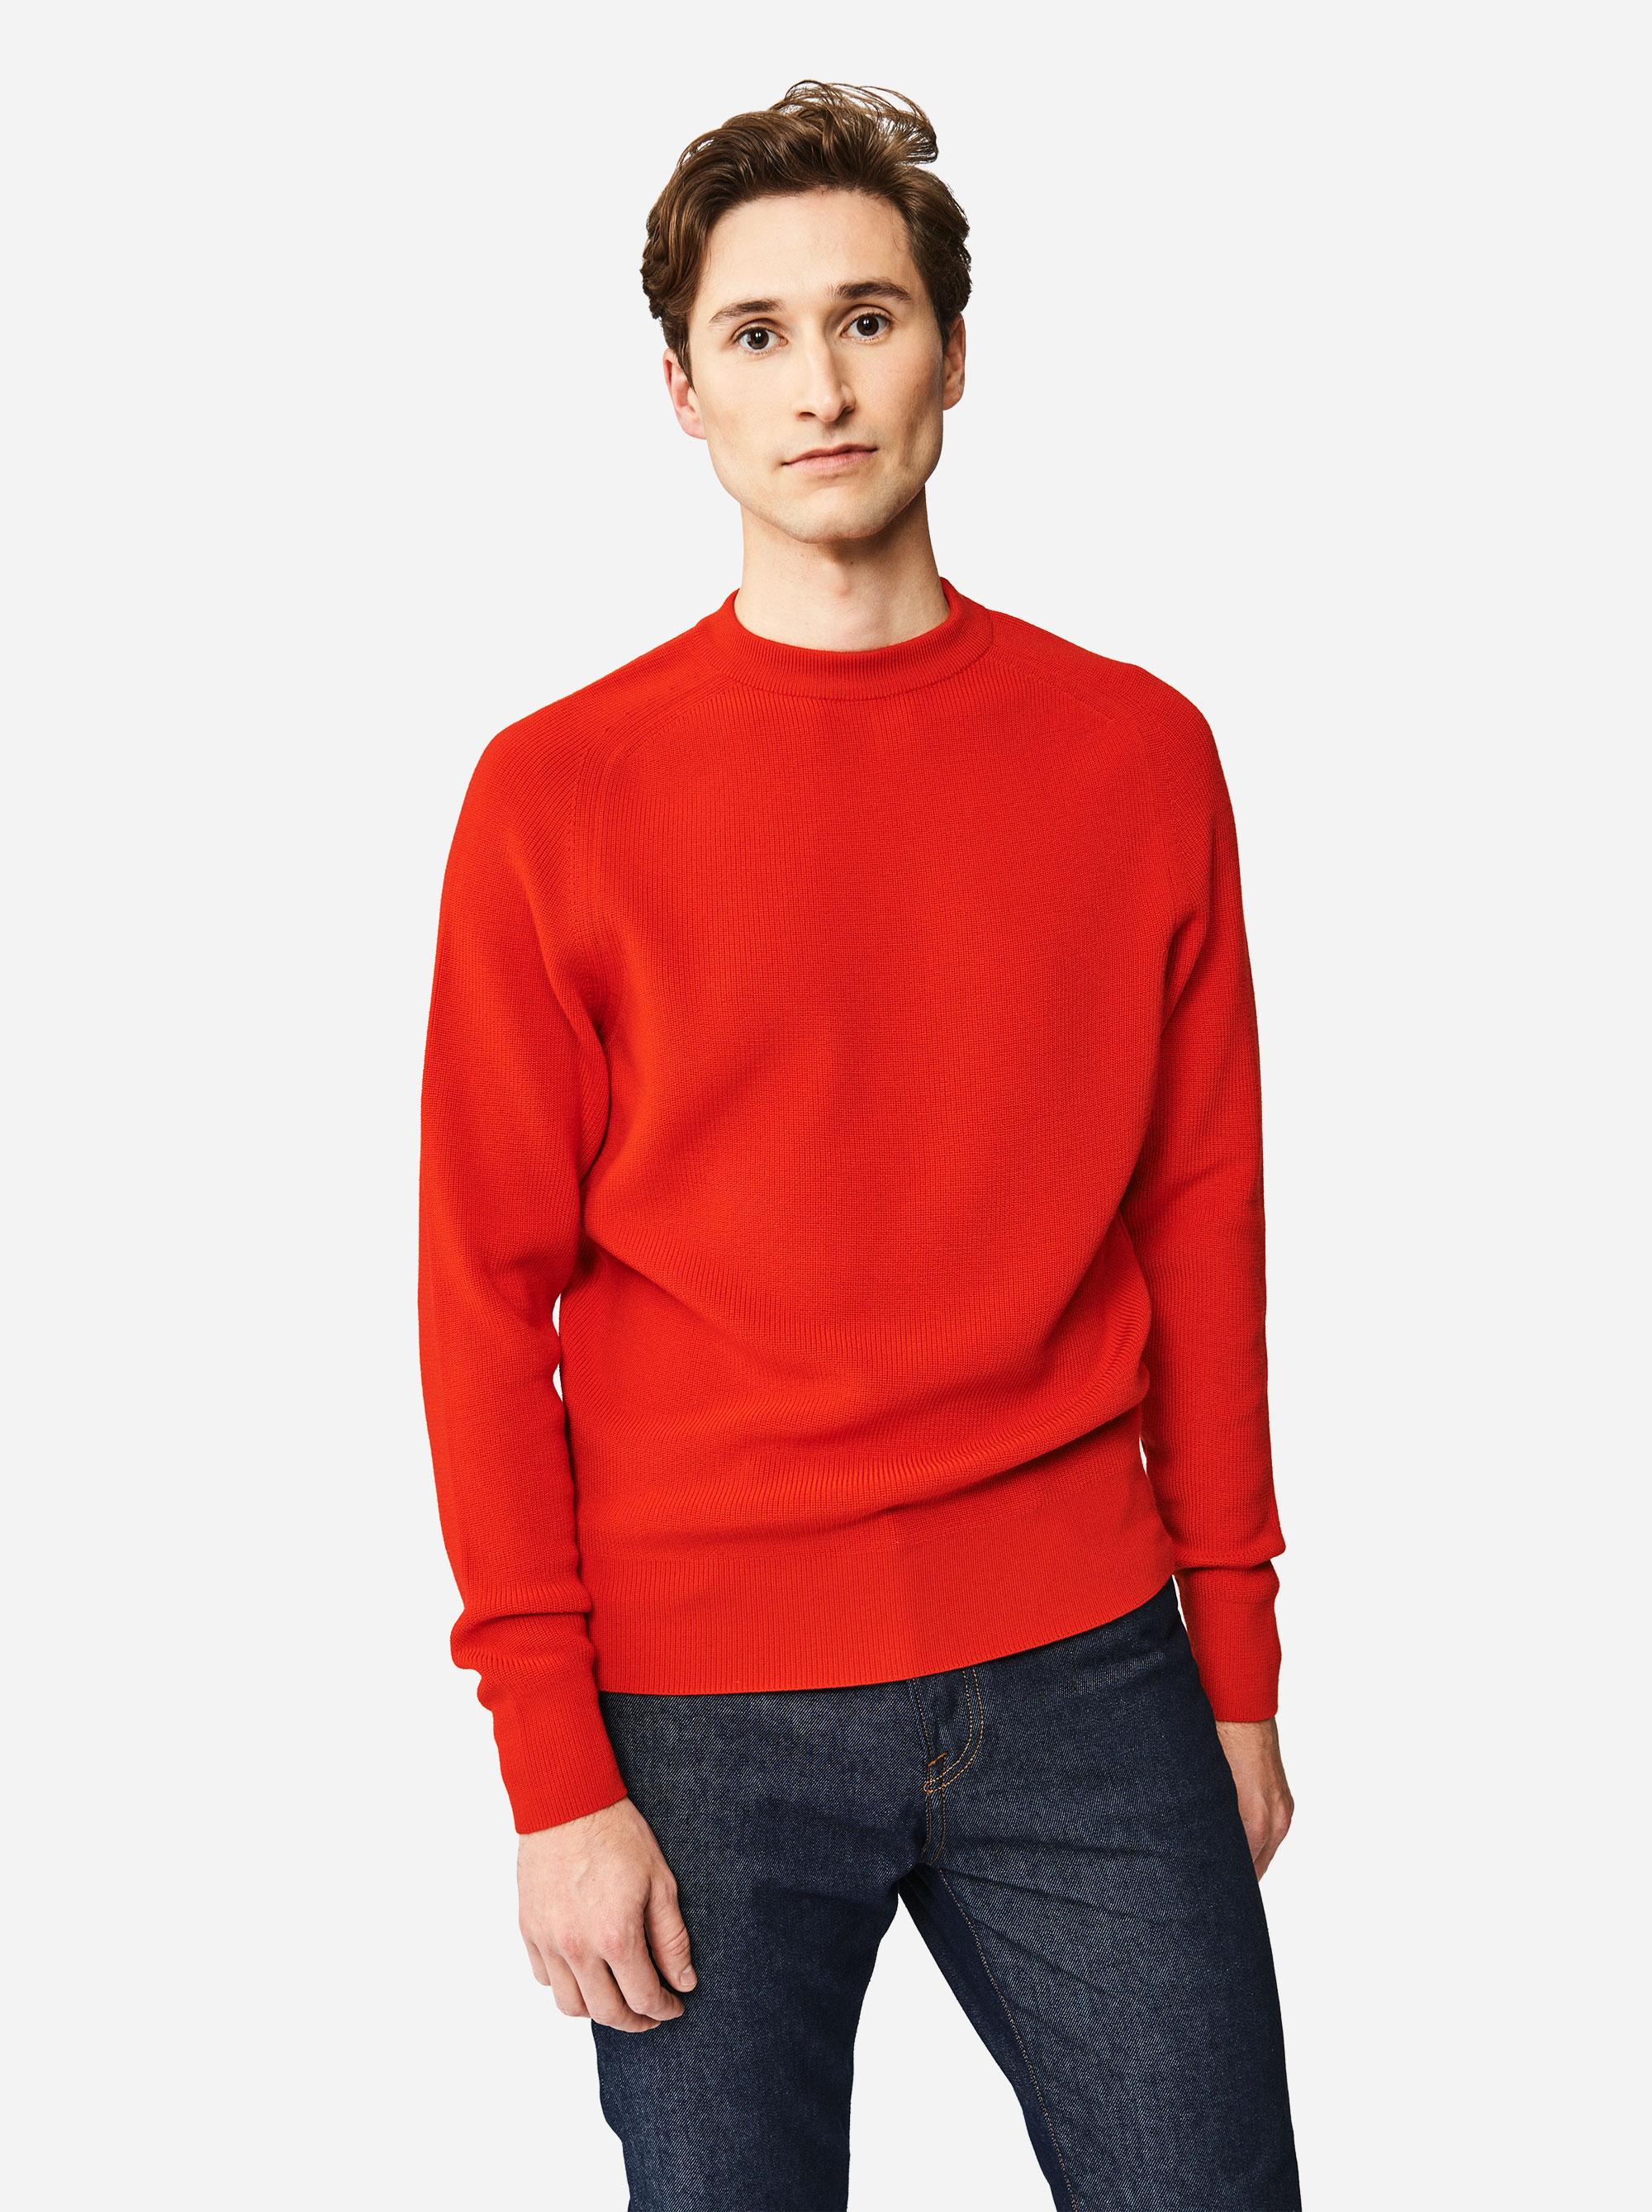 Teym - The Merino Sweater - Men - Red - 1